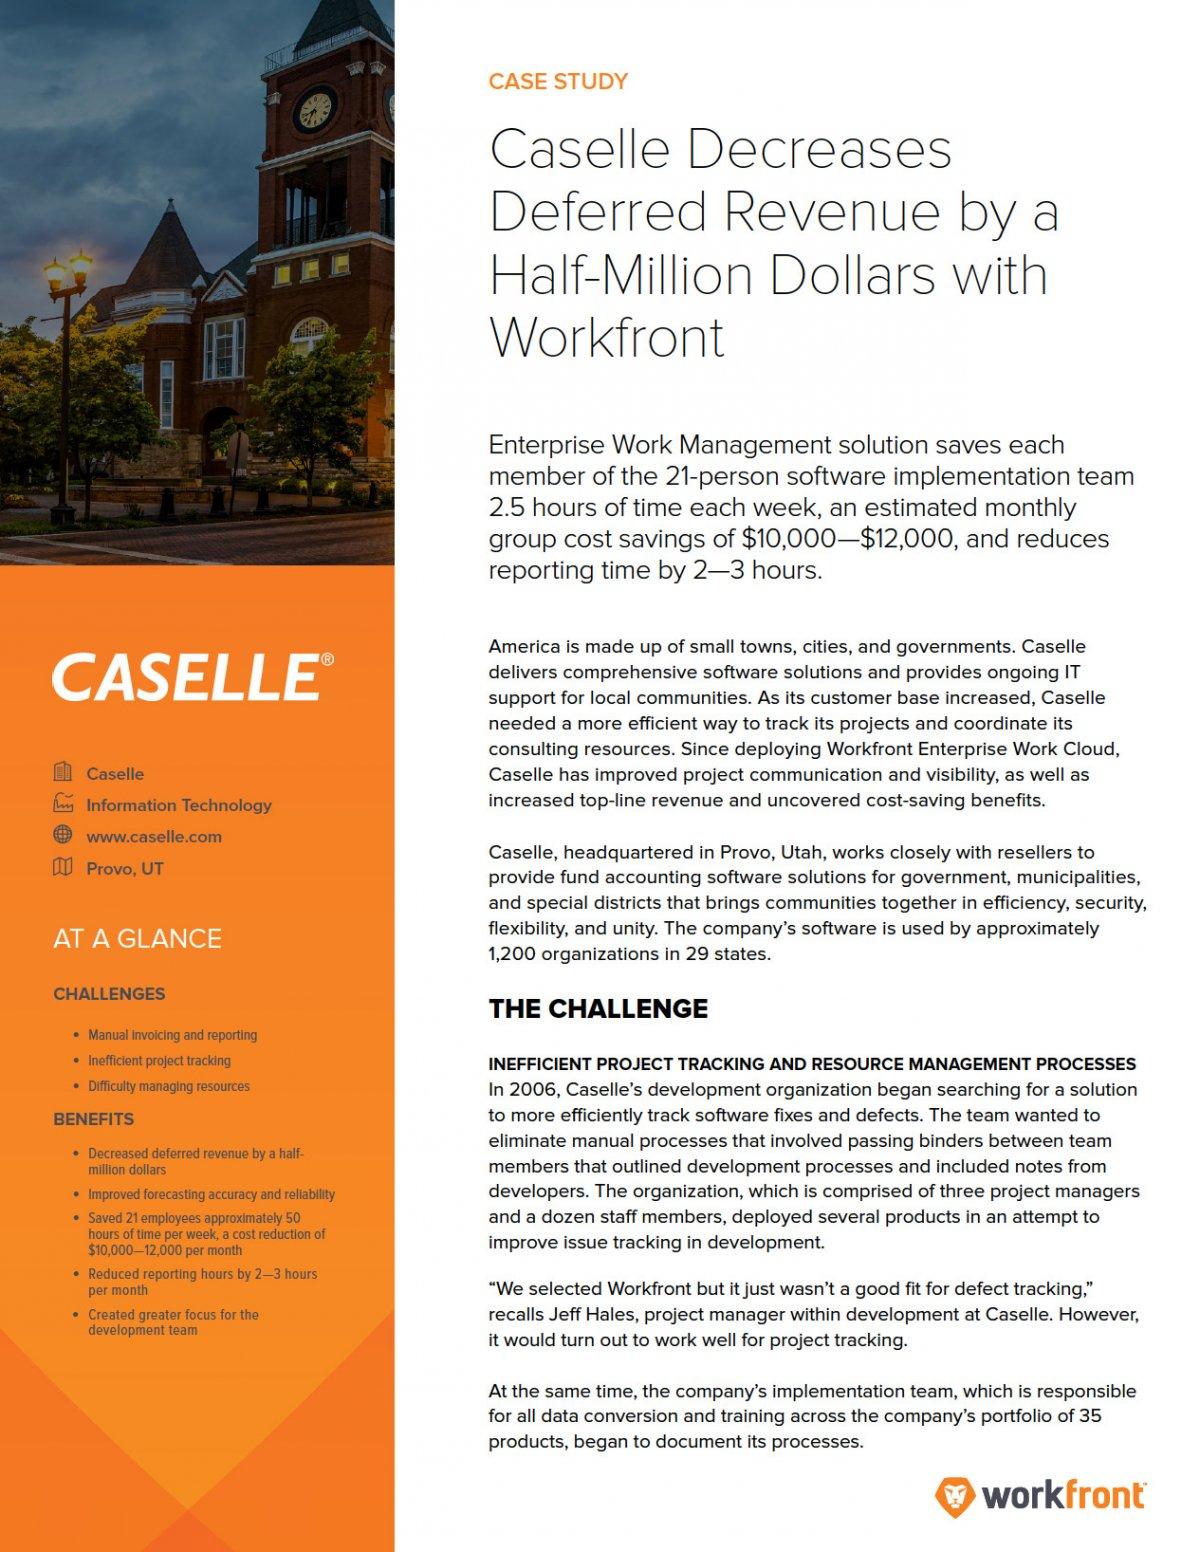 Caselle Case Study | Workfront